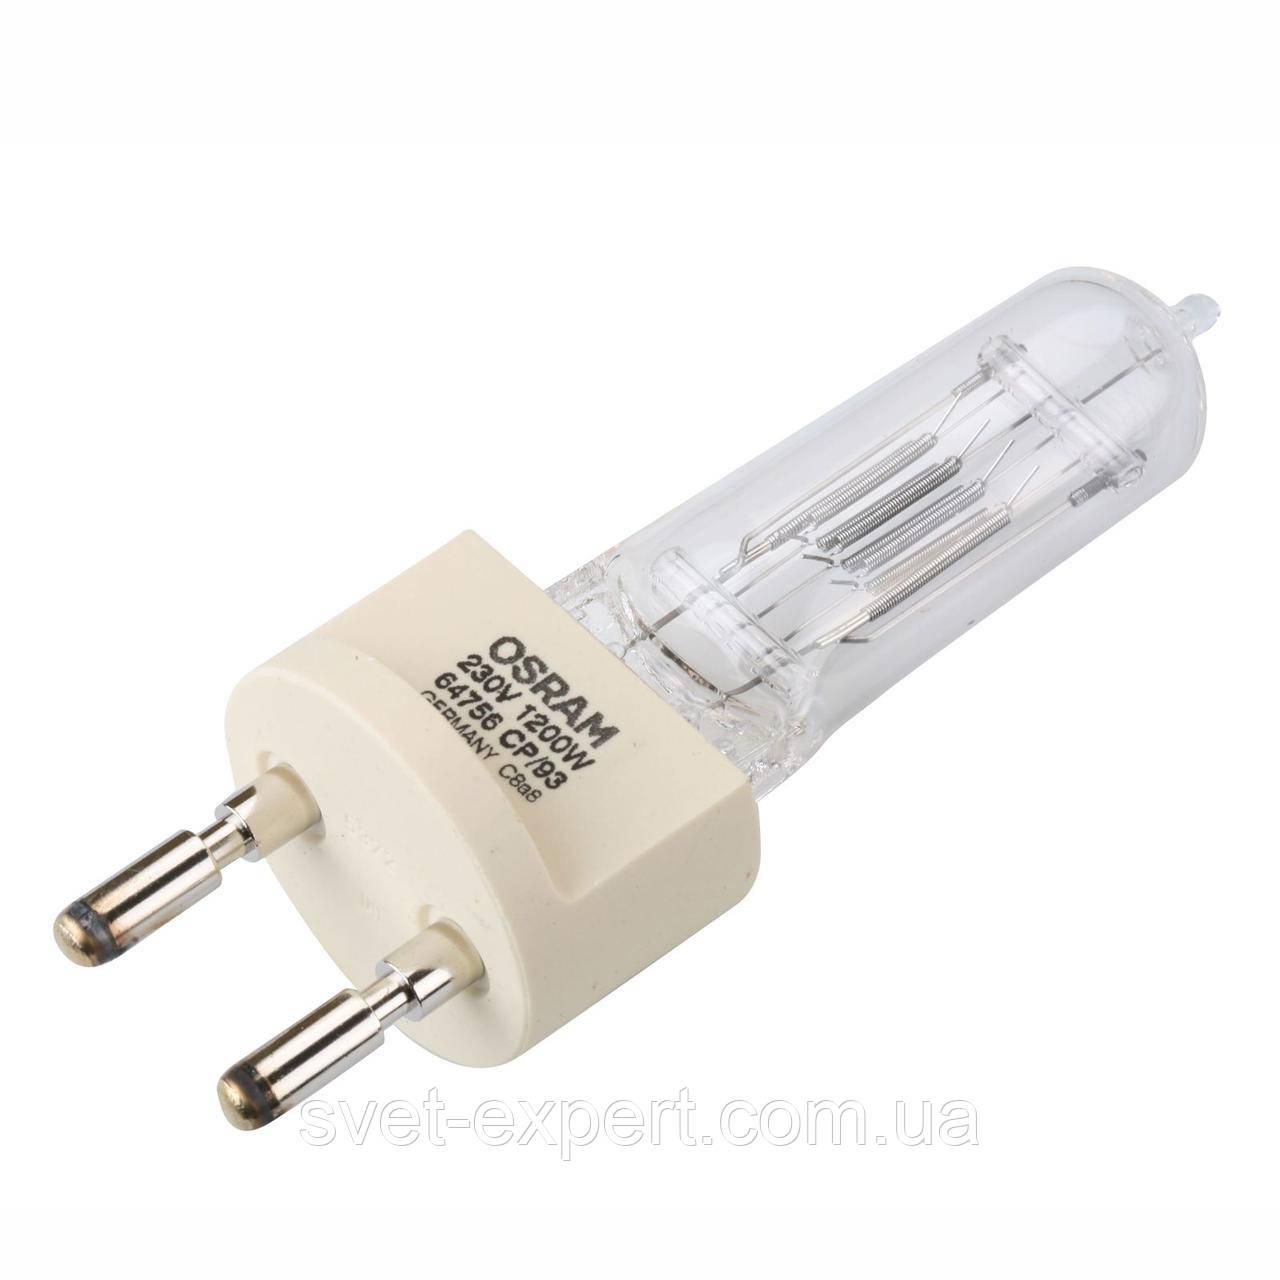 Лампа 64756 CP/93 1200W 230V G22 20x1 OSRAM DIMPLE